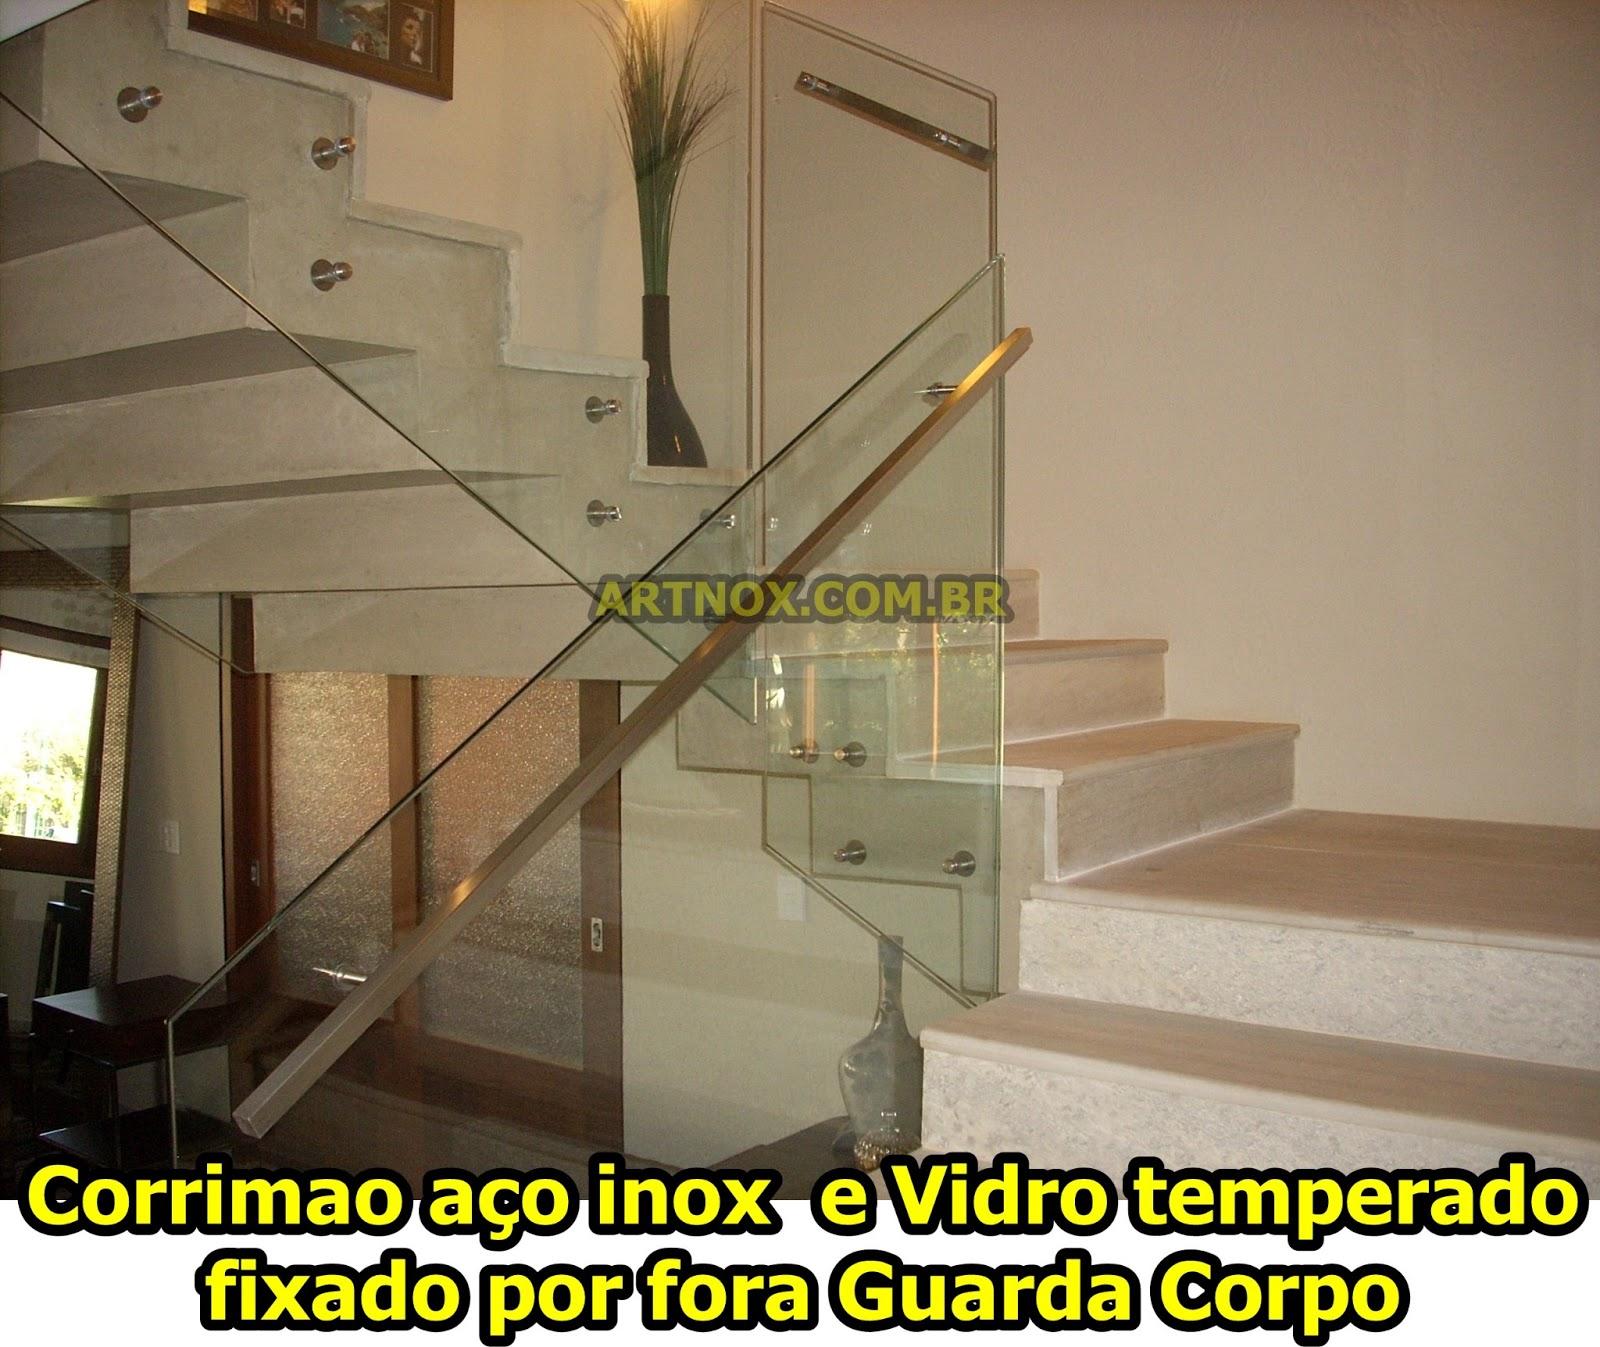 #BFBF0C ARTNOX CORRIMÃO INOX: Corrimão de Aço Inox e Vidro Temperado 316 Janelas De Vidro Temperado Em Juiz De Fora